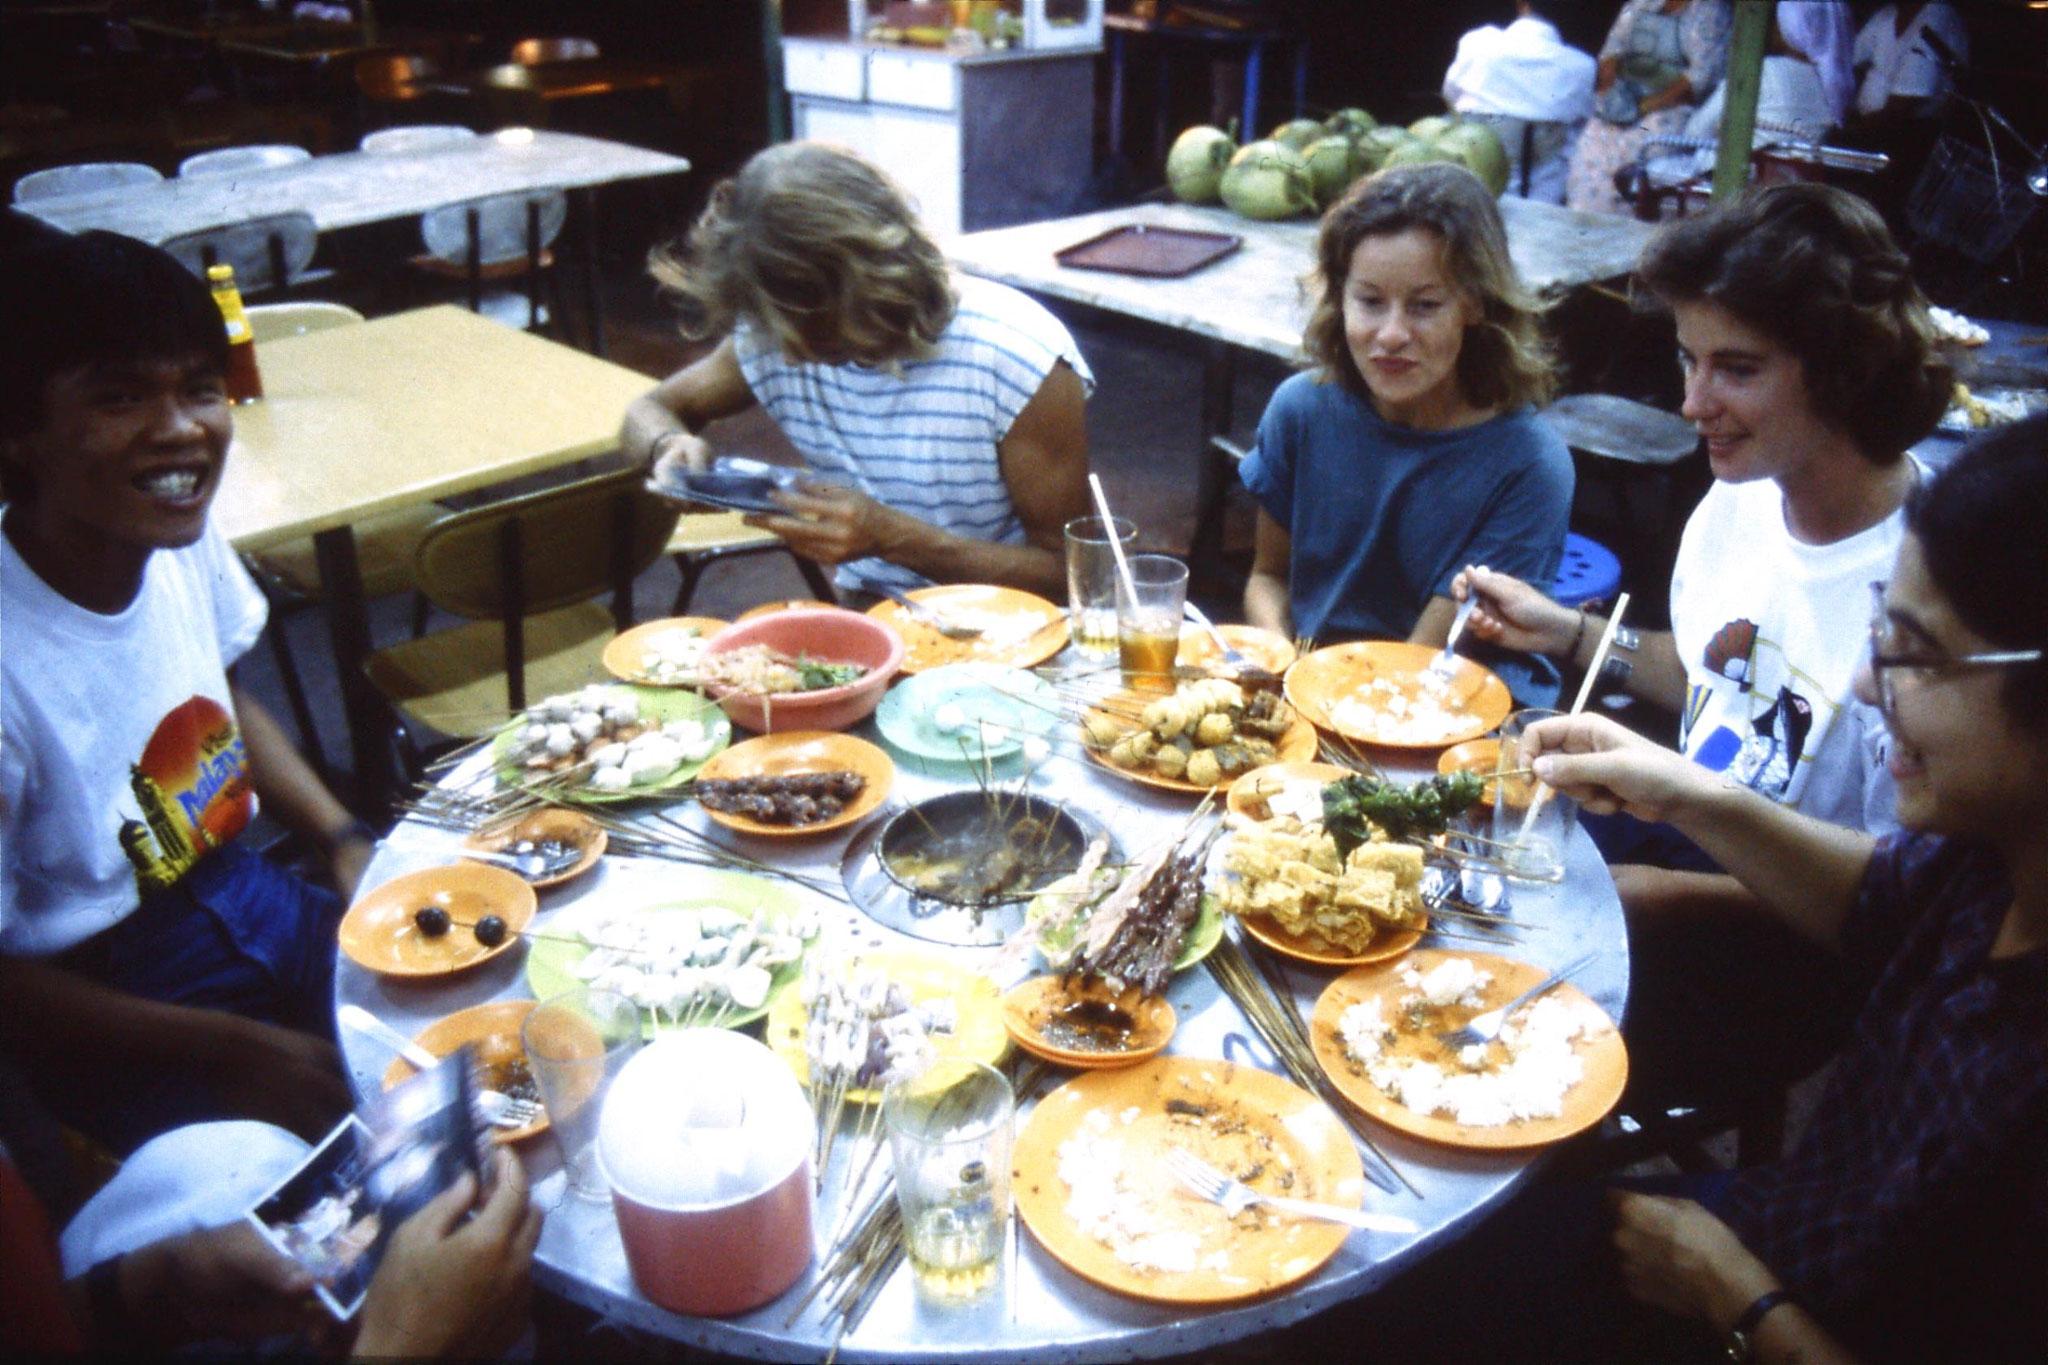 8/7/1990: 4: Melaka Sate dip dinner